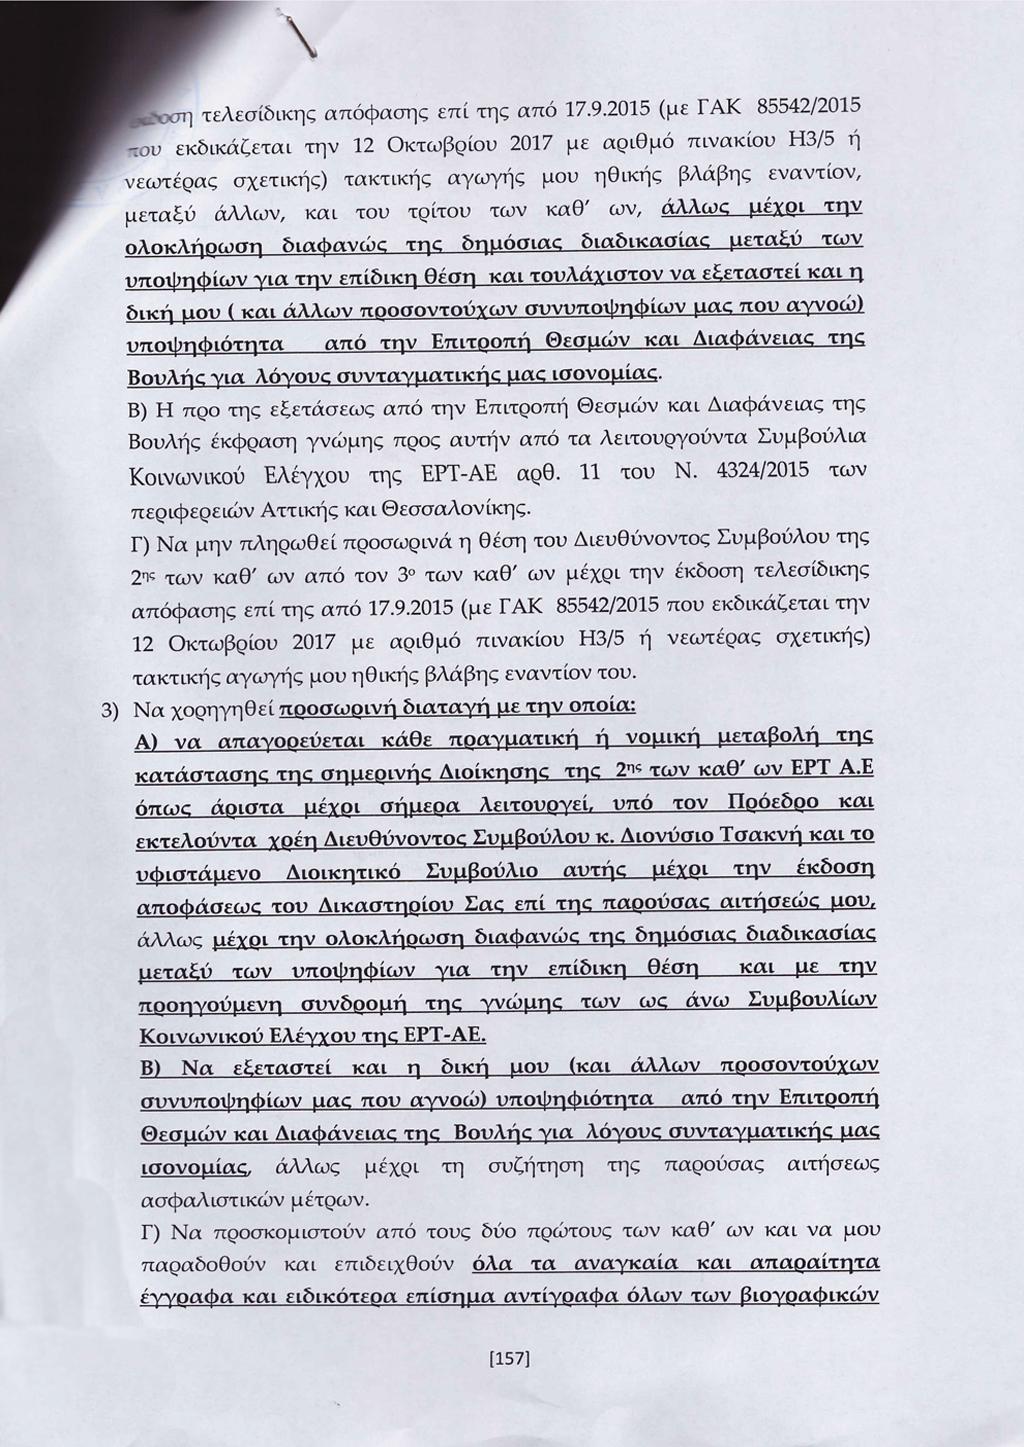 Συζήτηση προσωρινής διαταγής αναστολής 20/07/2017